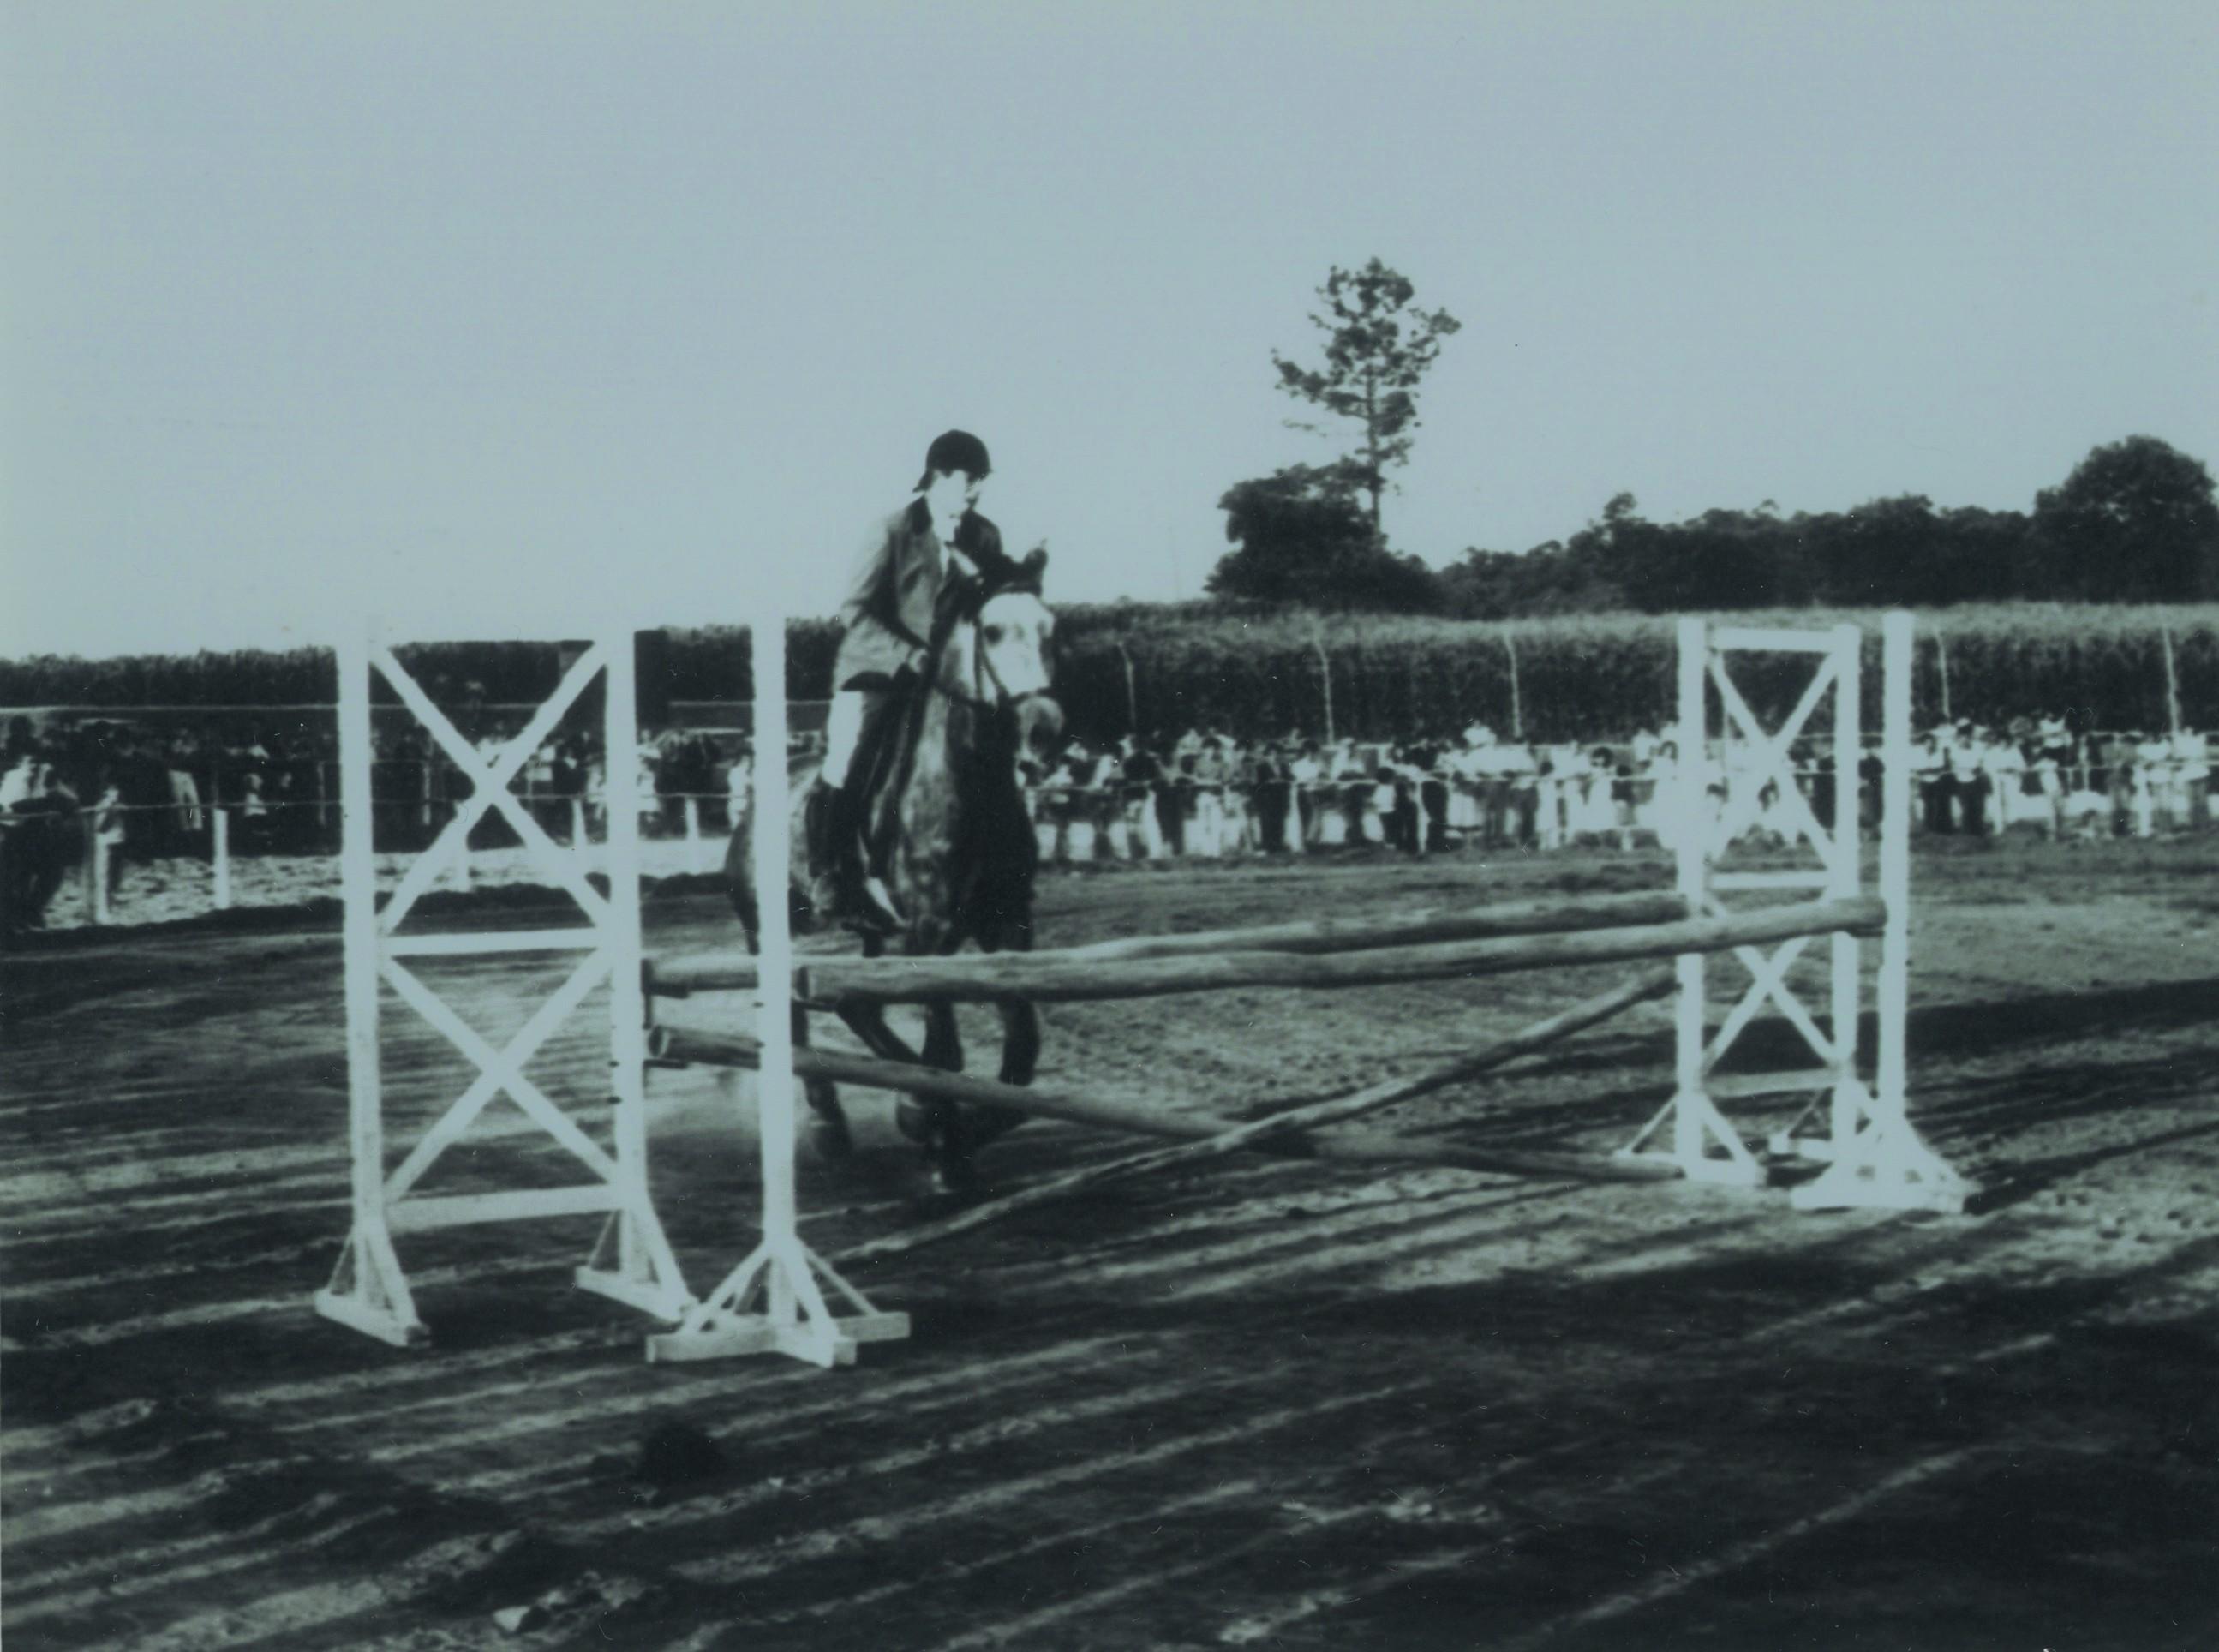 Concurso hípico na Quinta do Barão, Loureiro (Anos 80)